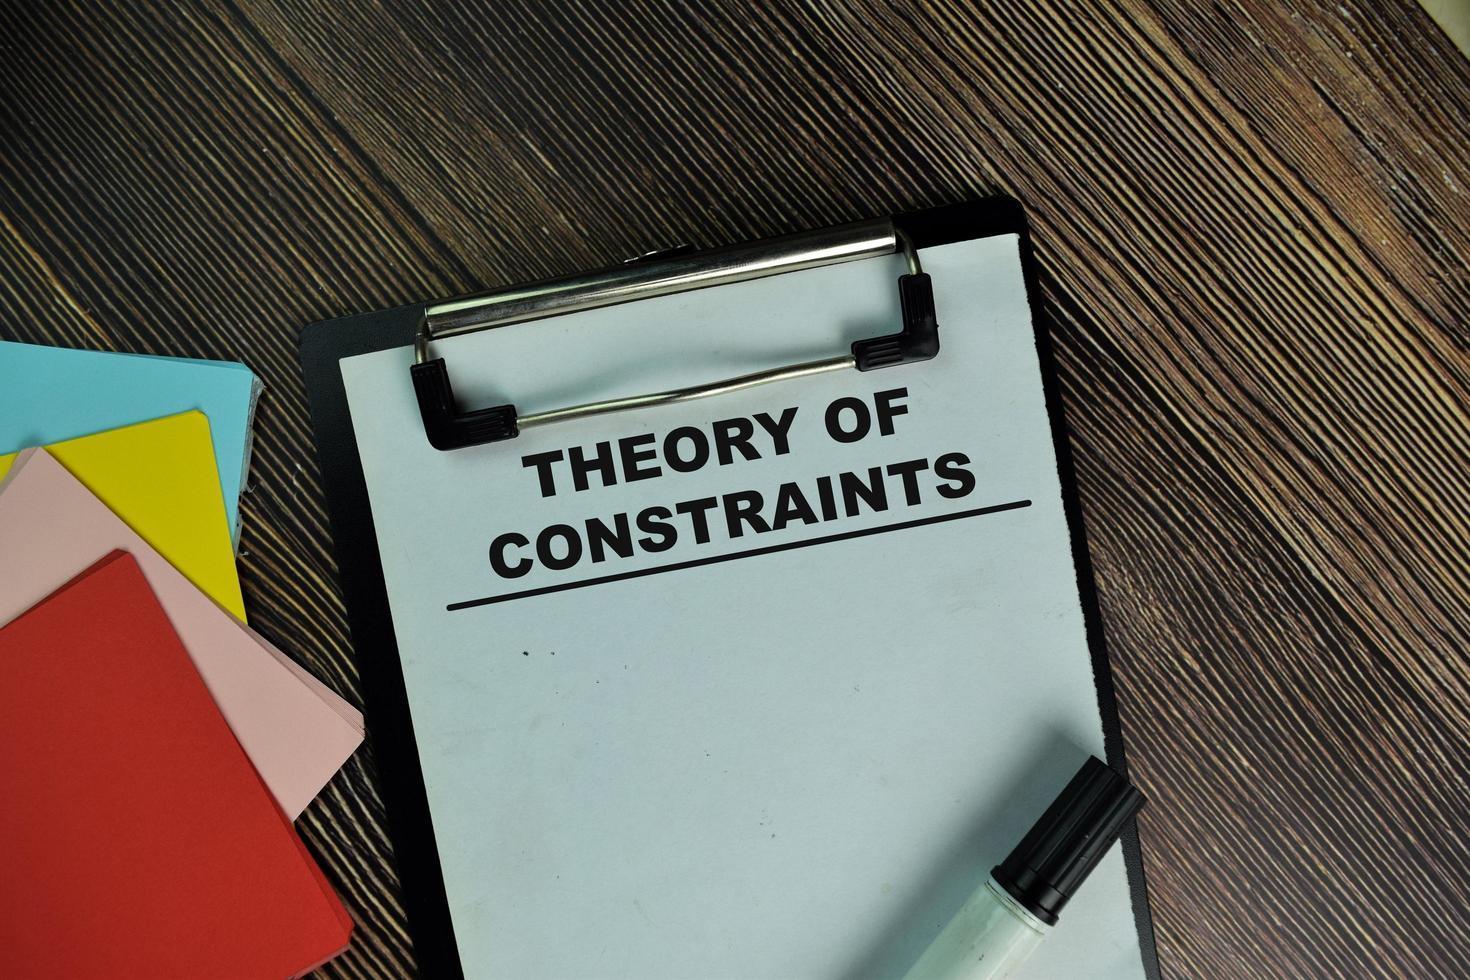 teori om begränsningar skrivna på pappersarbete isolerad på träbord foto